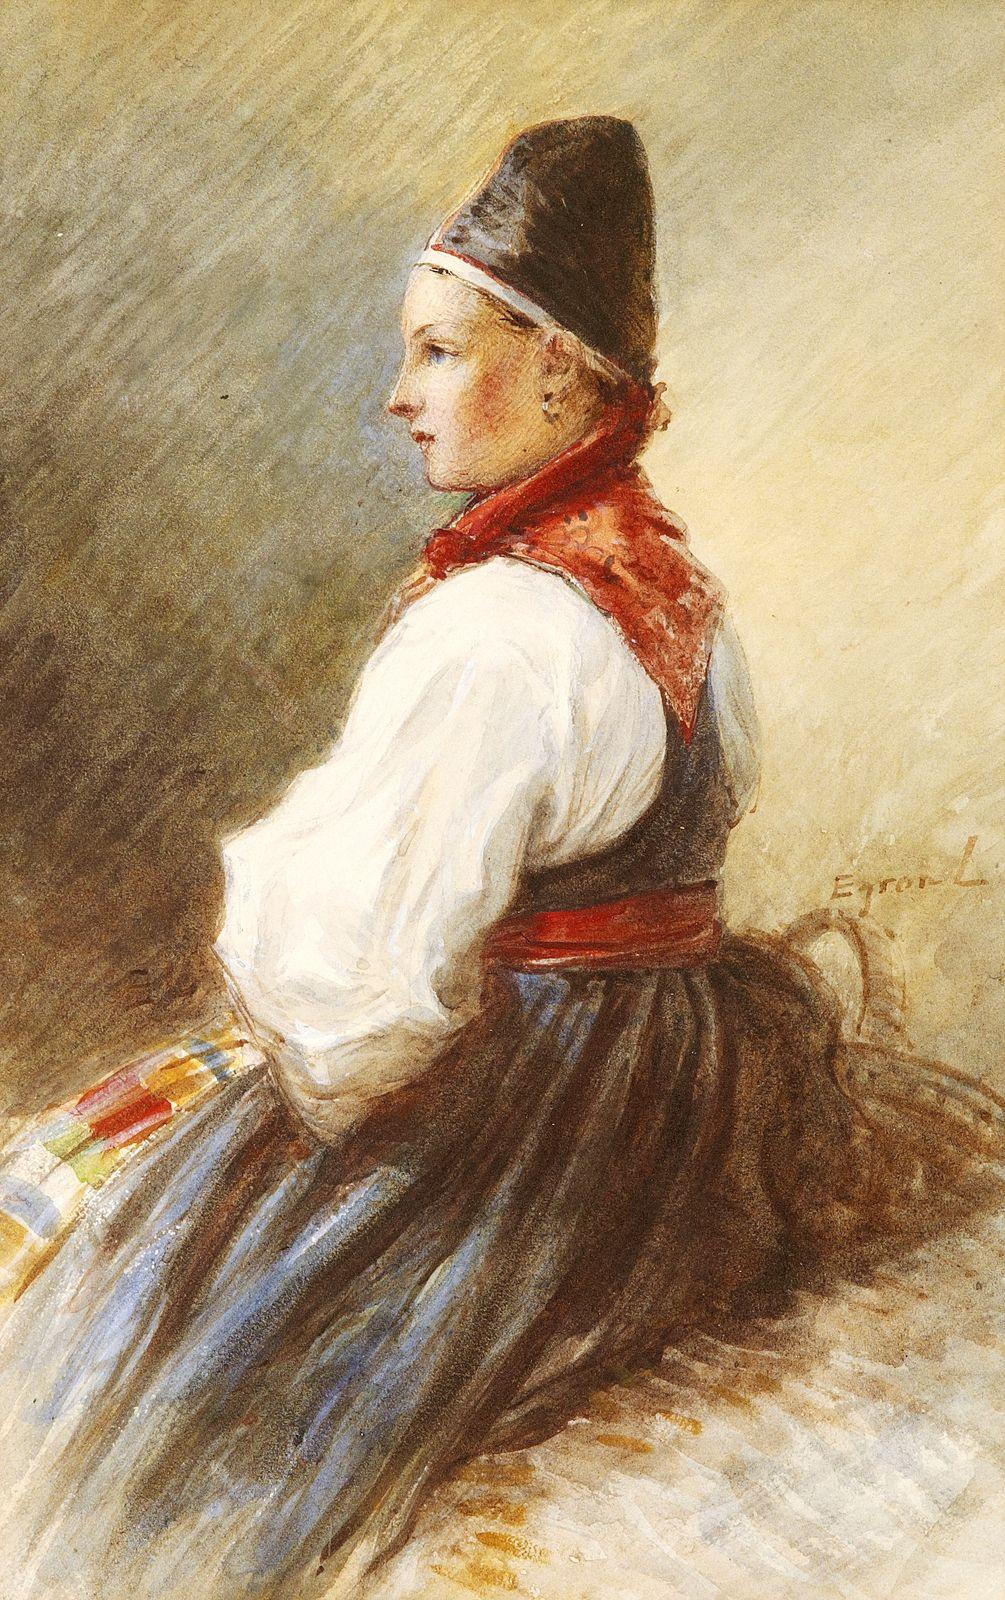 Egron Lundgren. Girl in national costume